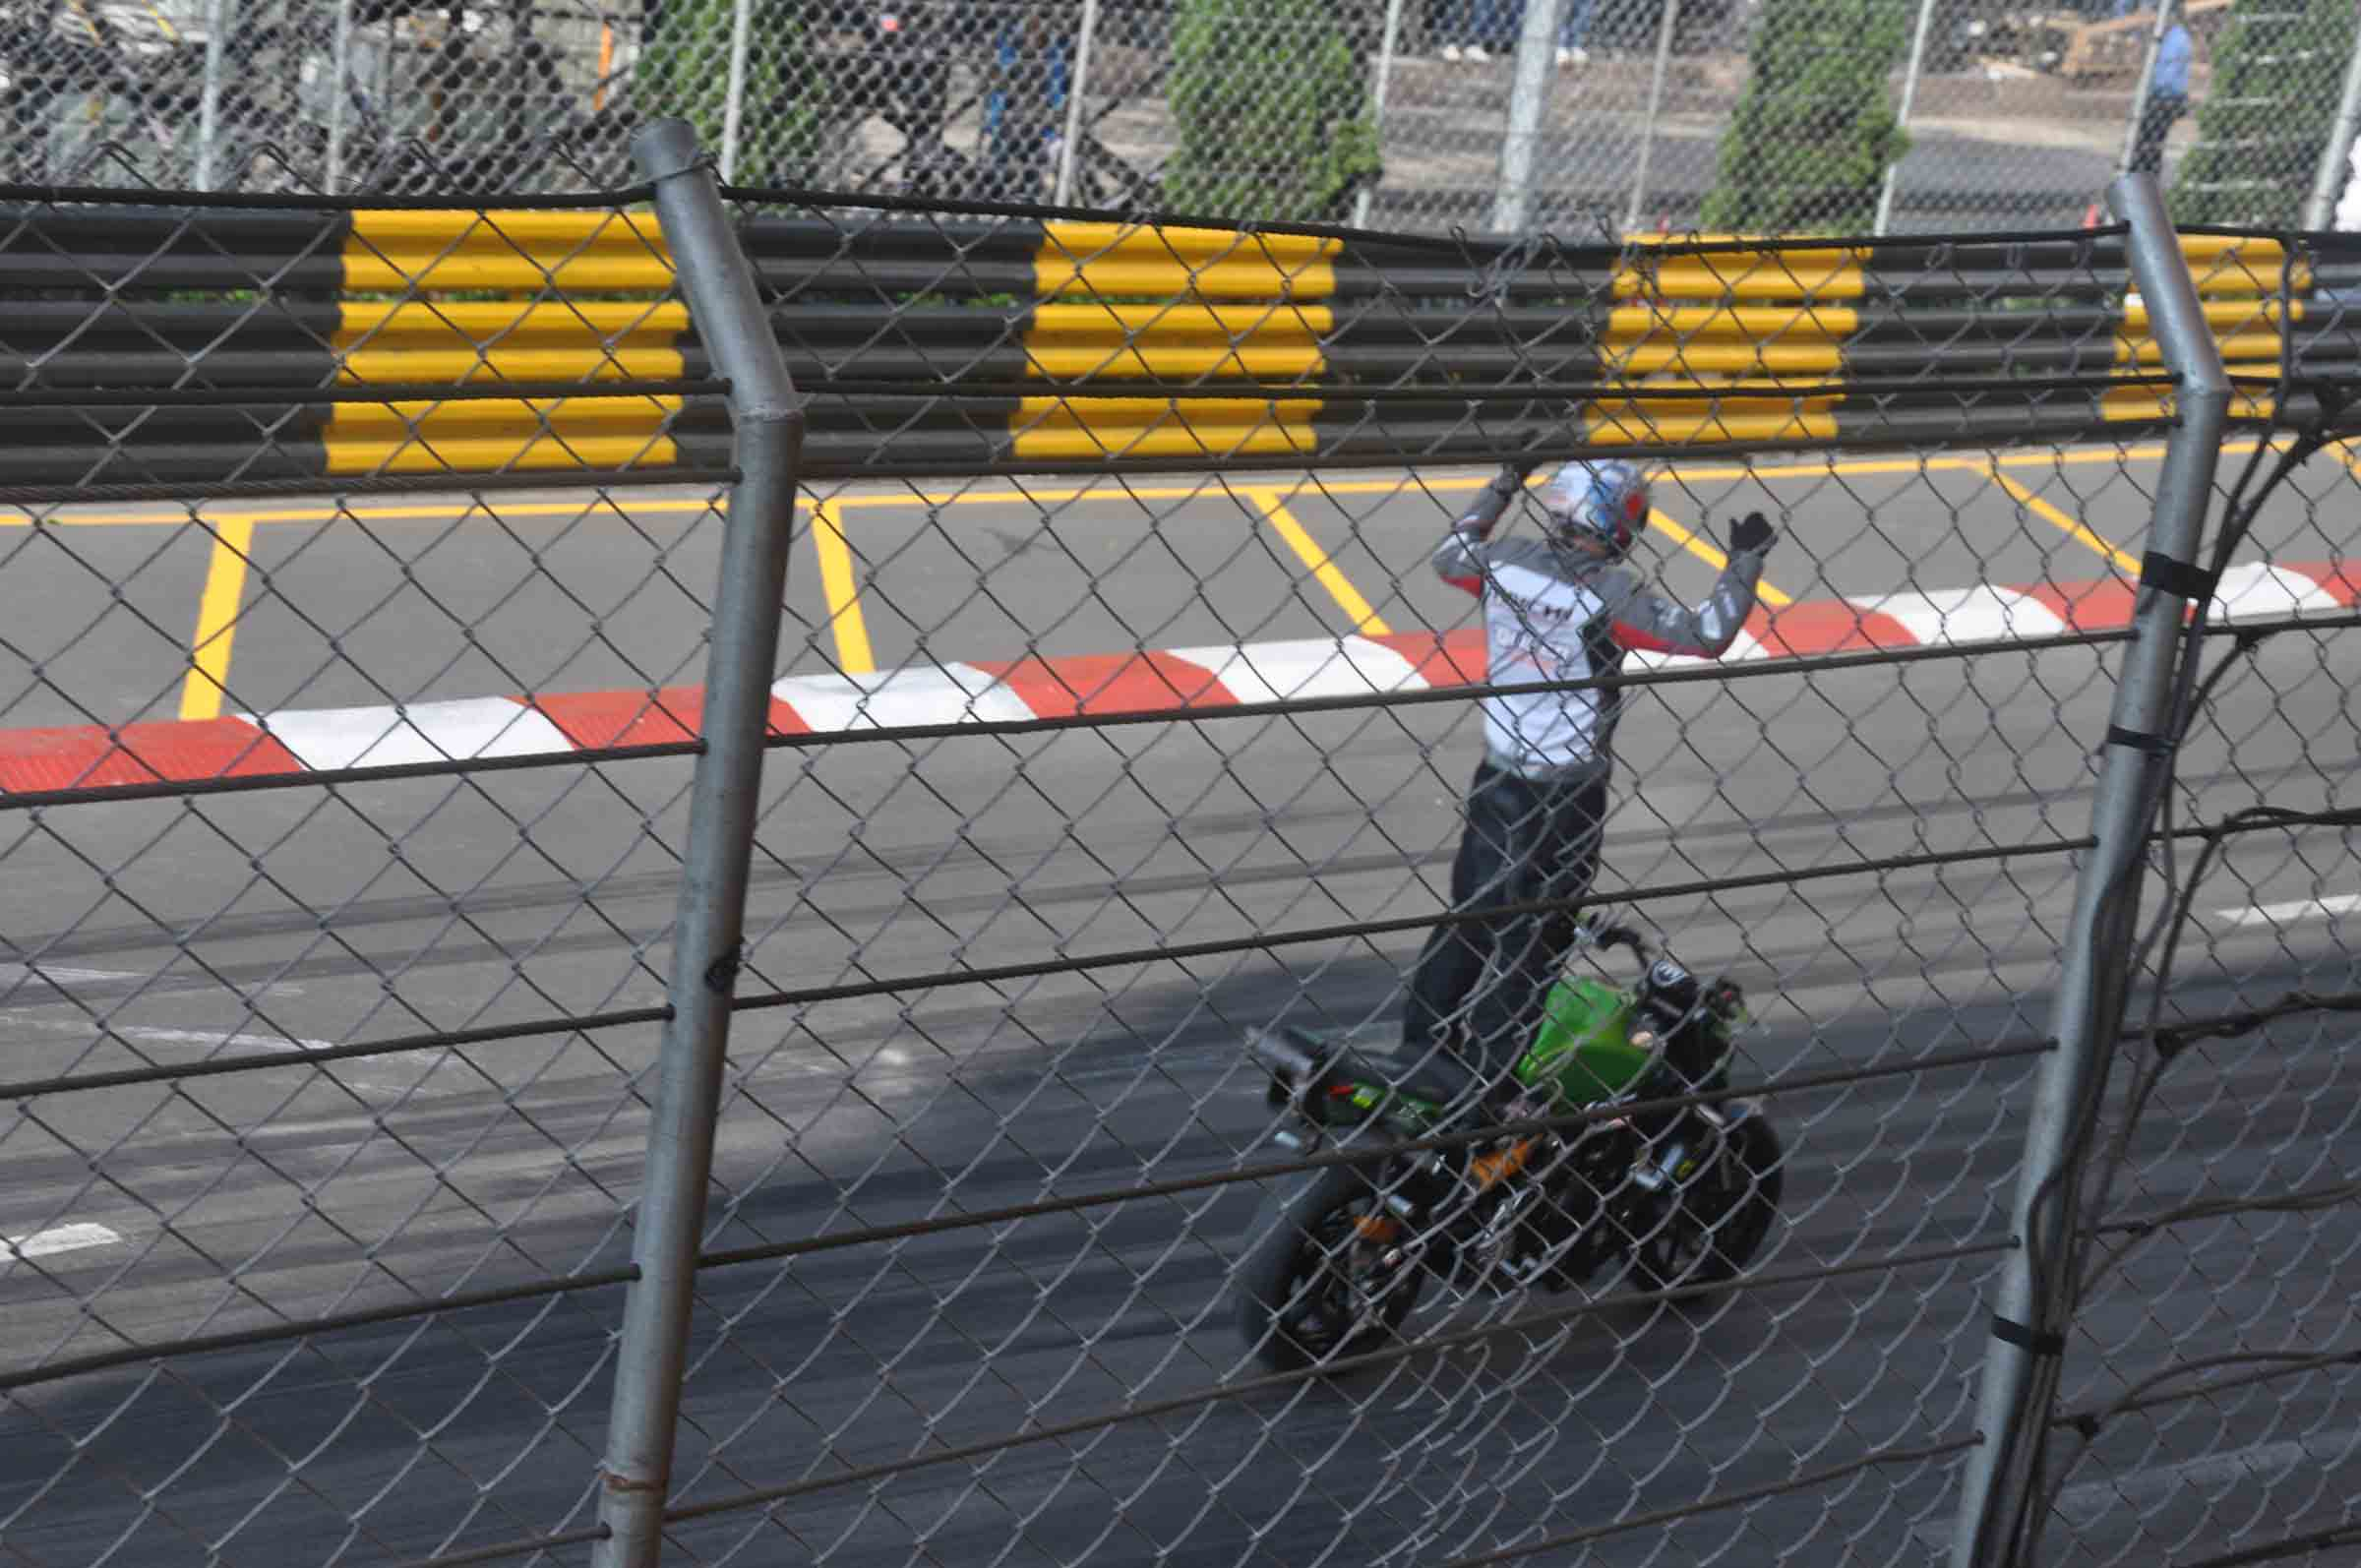 Macau F3 Grand Prix Qualifying Race motorcycle stunts